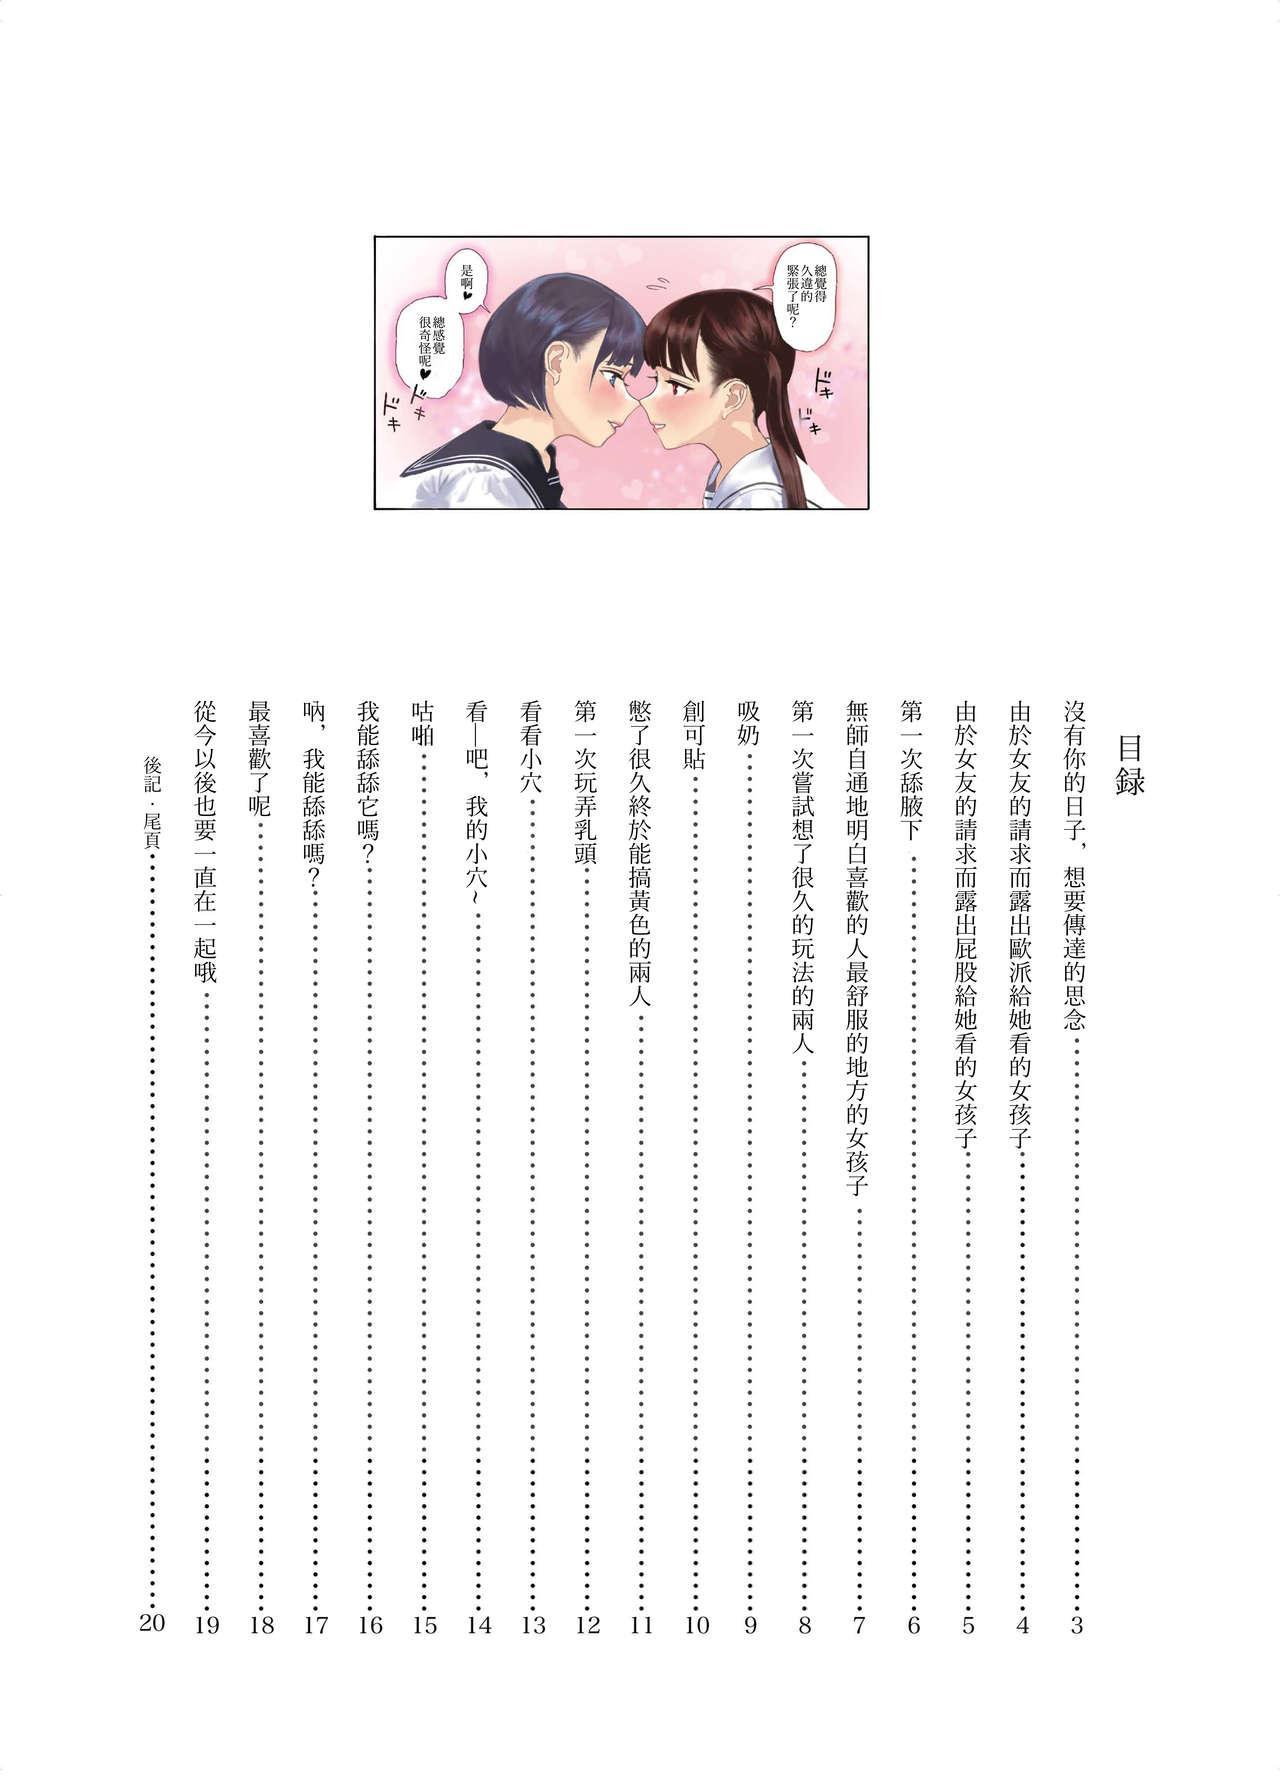 Josei Douseiai Matome 1 丨 女性同性愛合集 1 4